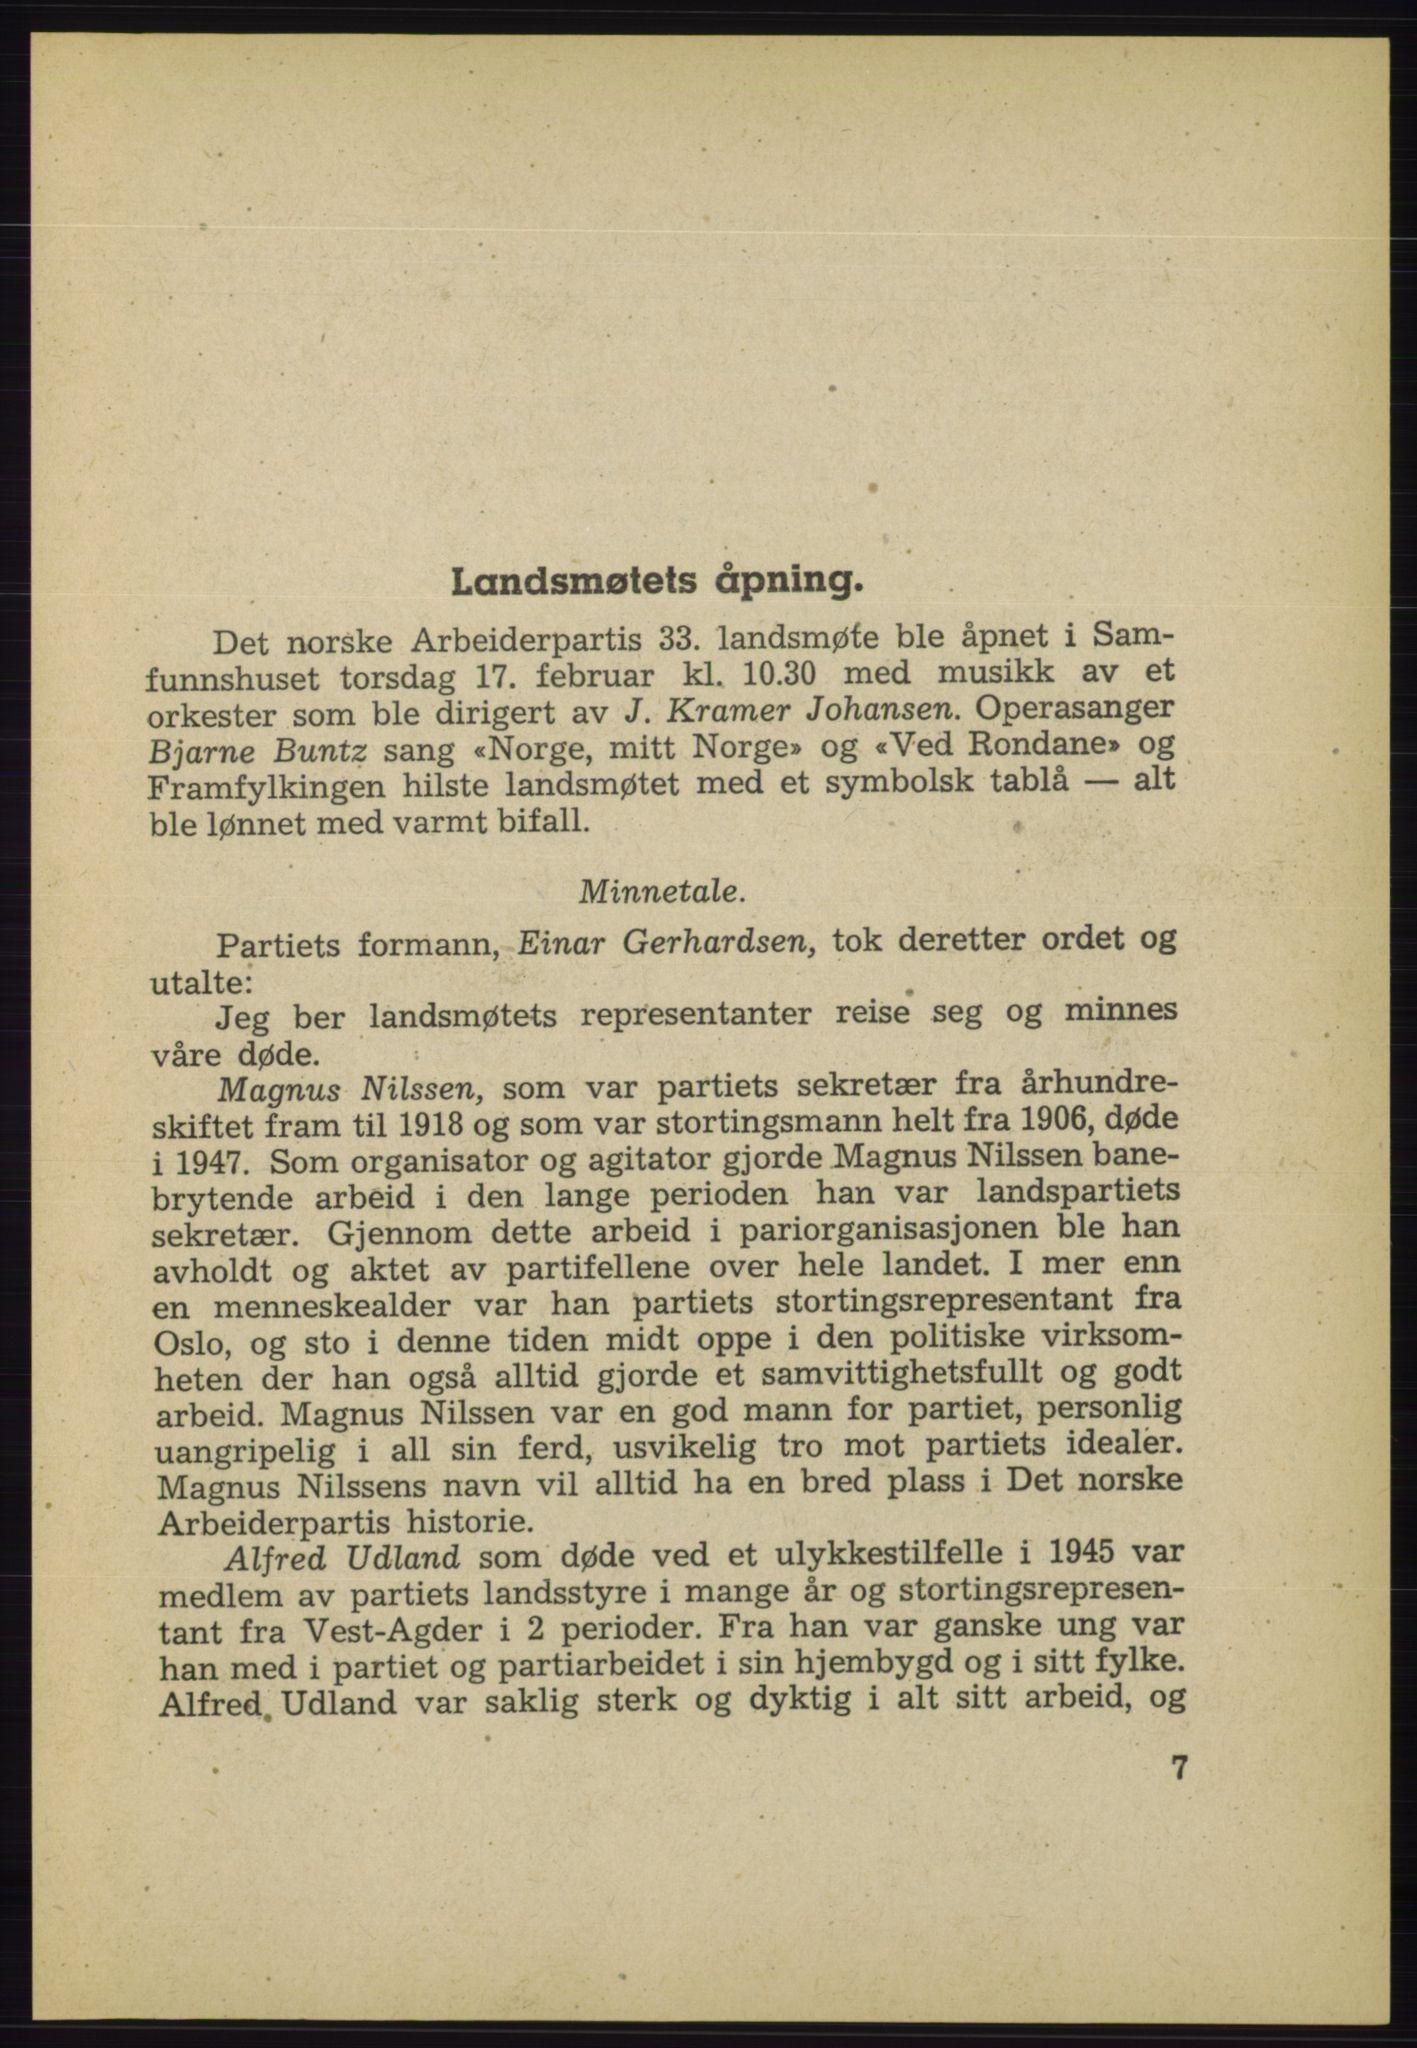 AAB, Det norske Arbeiderparti - publikasjoner, -/-: Protokoll over forhandlingene på det 33. ordinære landsmøte 17.-20. februar 1949 i Oslo, 1949, s. 7